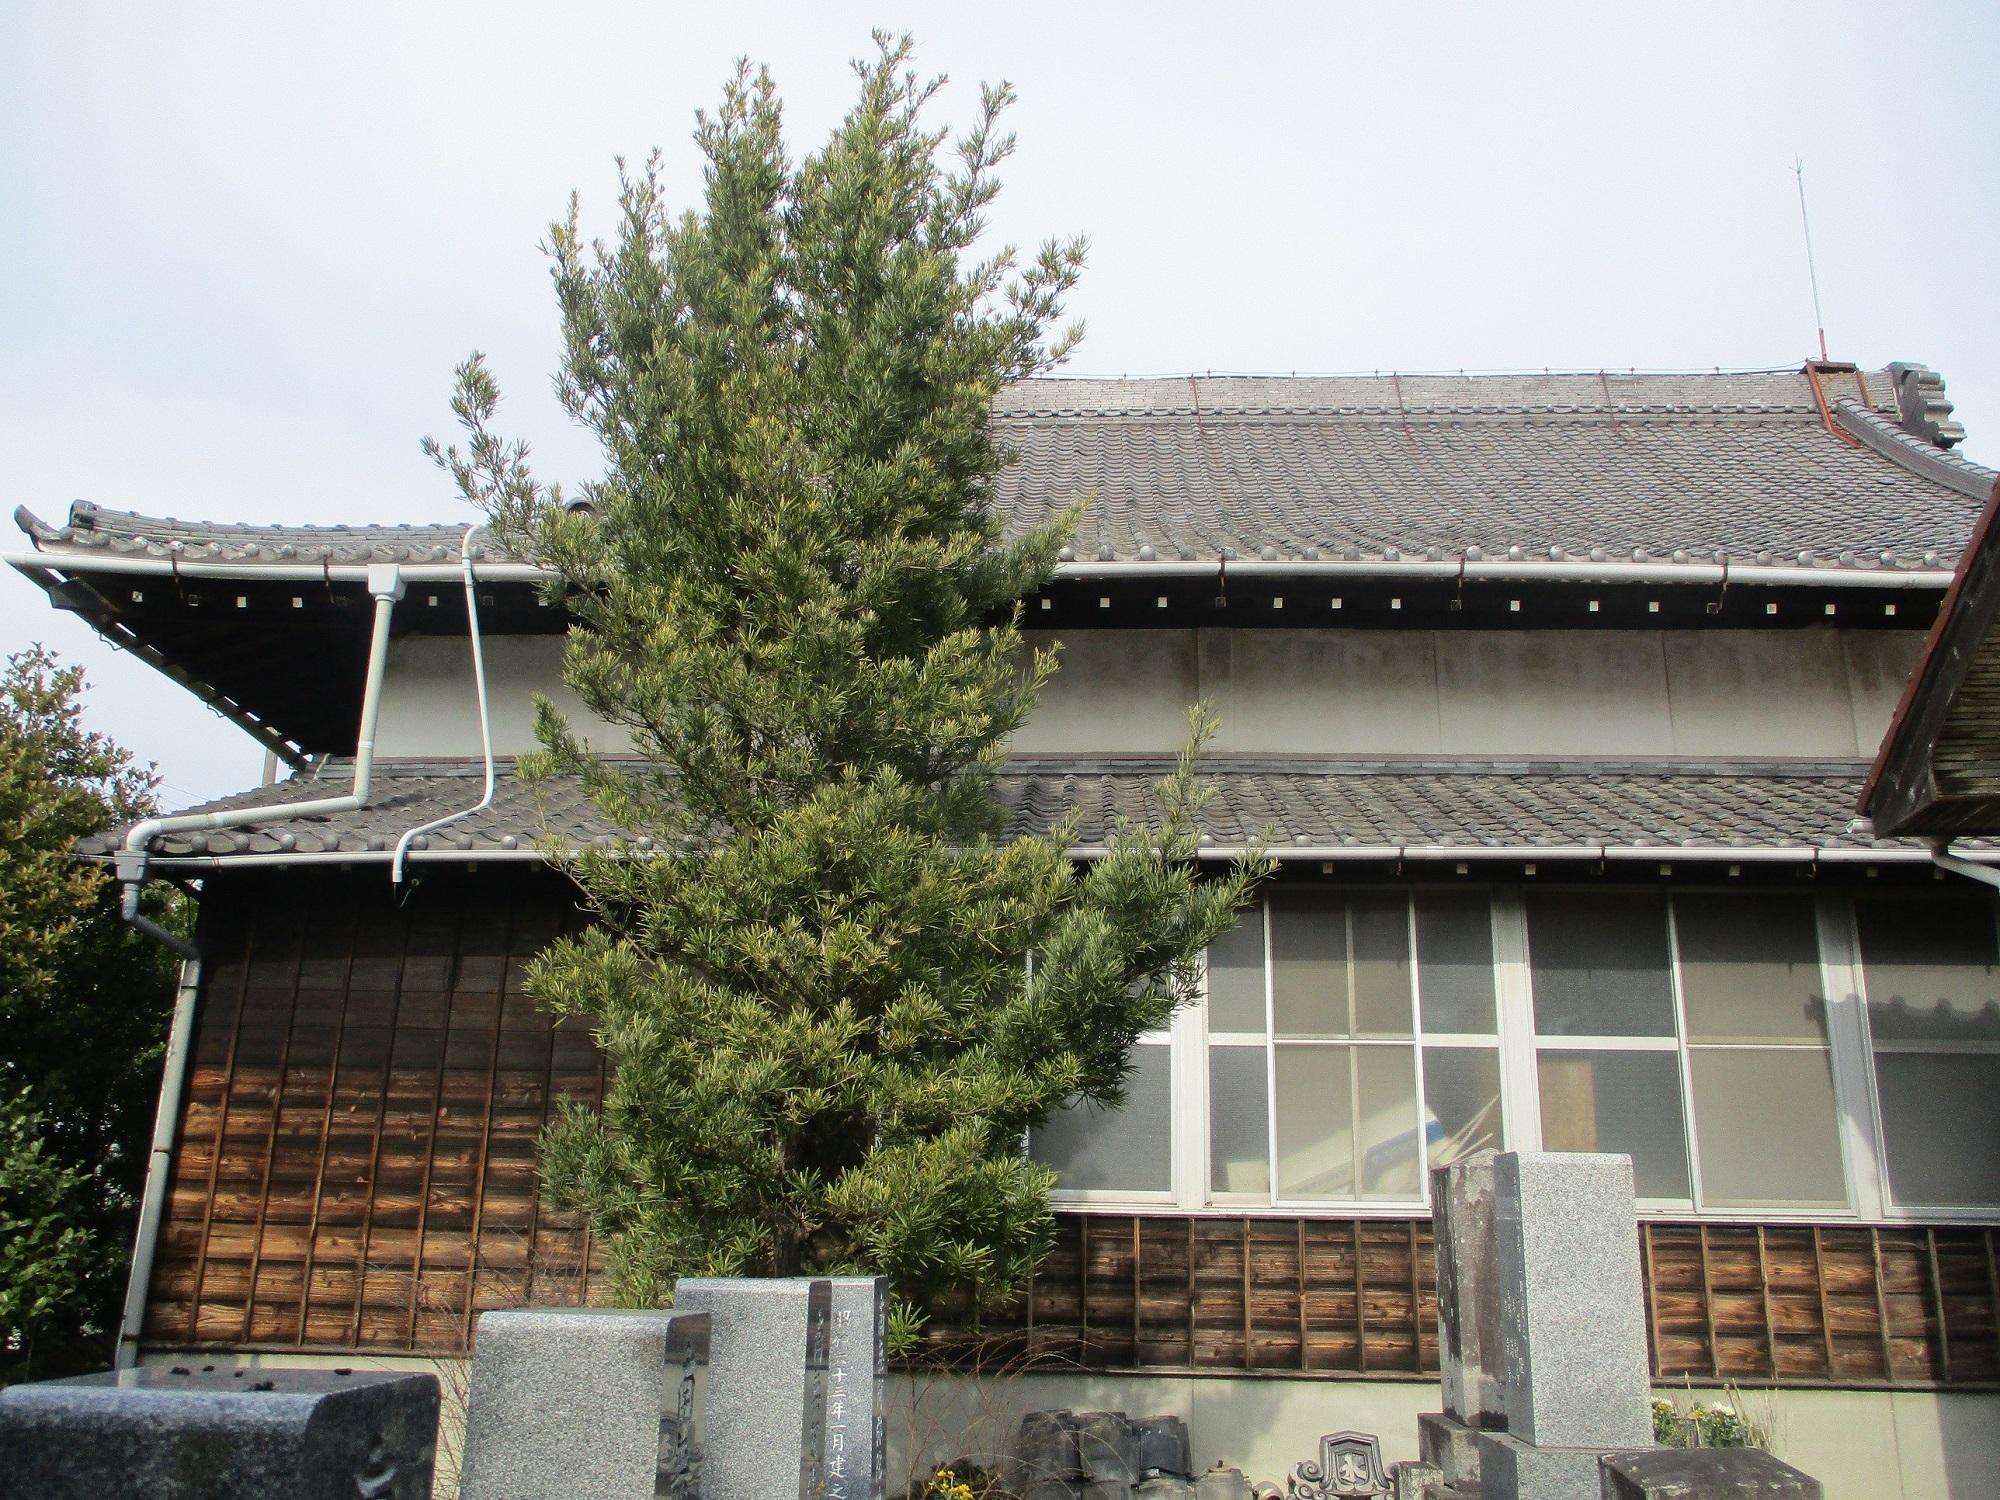 2020.2.3 (5) 城泉寺 - 本堂(みなみから) 2000-1500